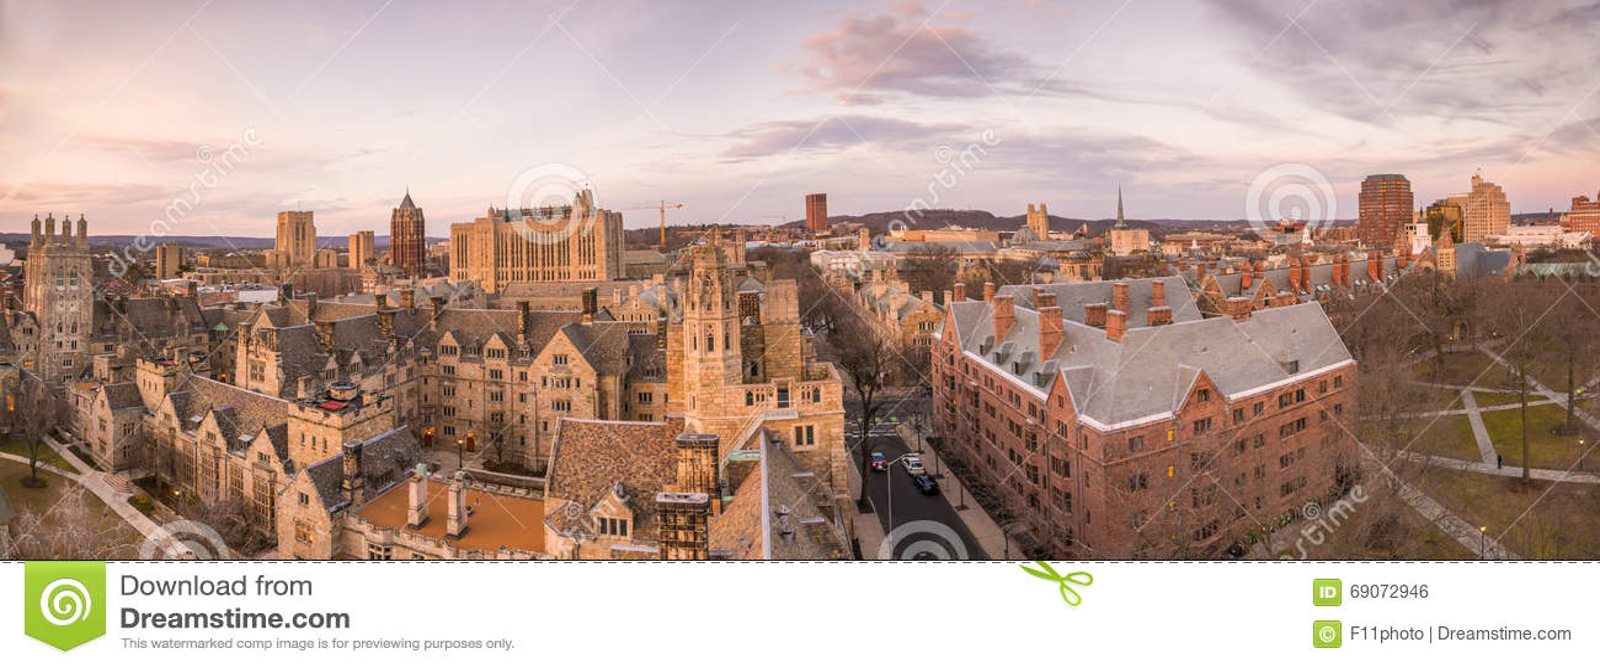 Edificio y campus de Universidad de Yale históricos